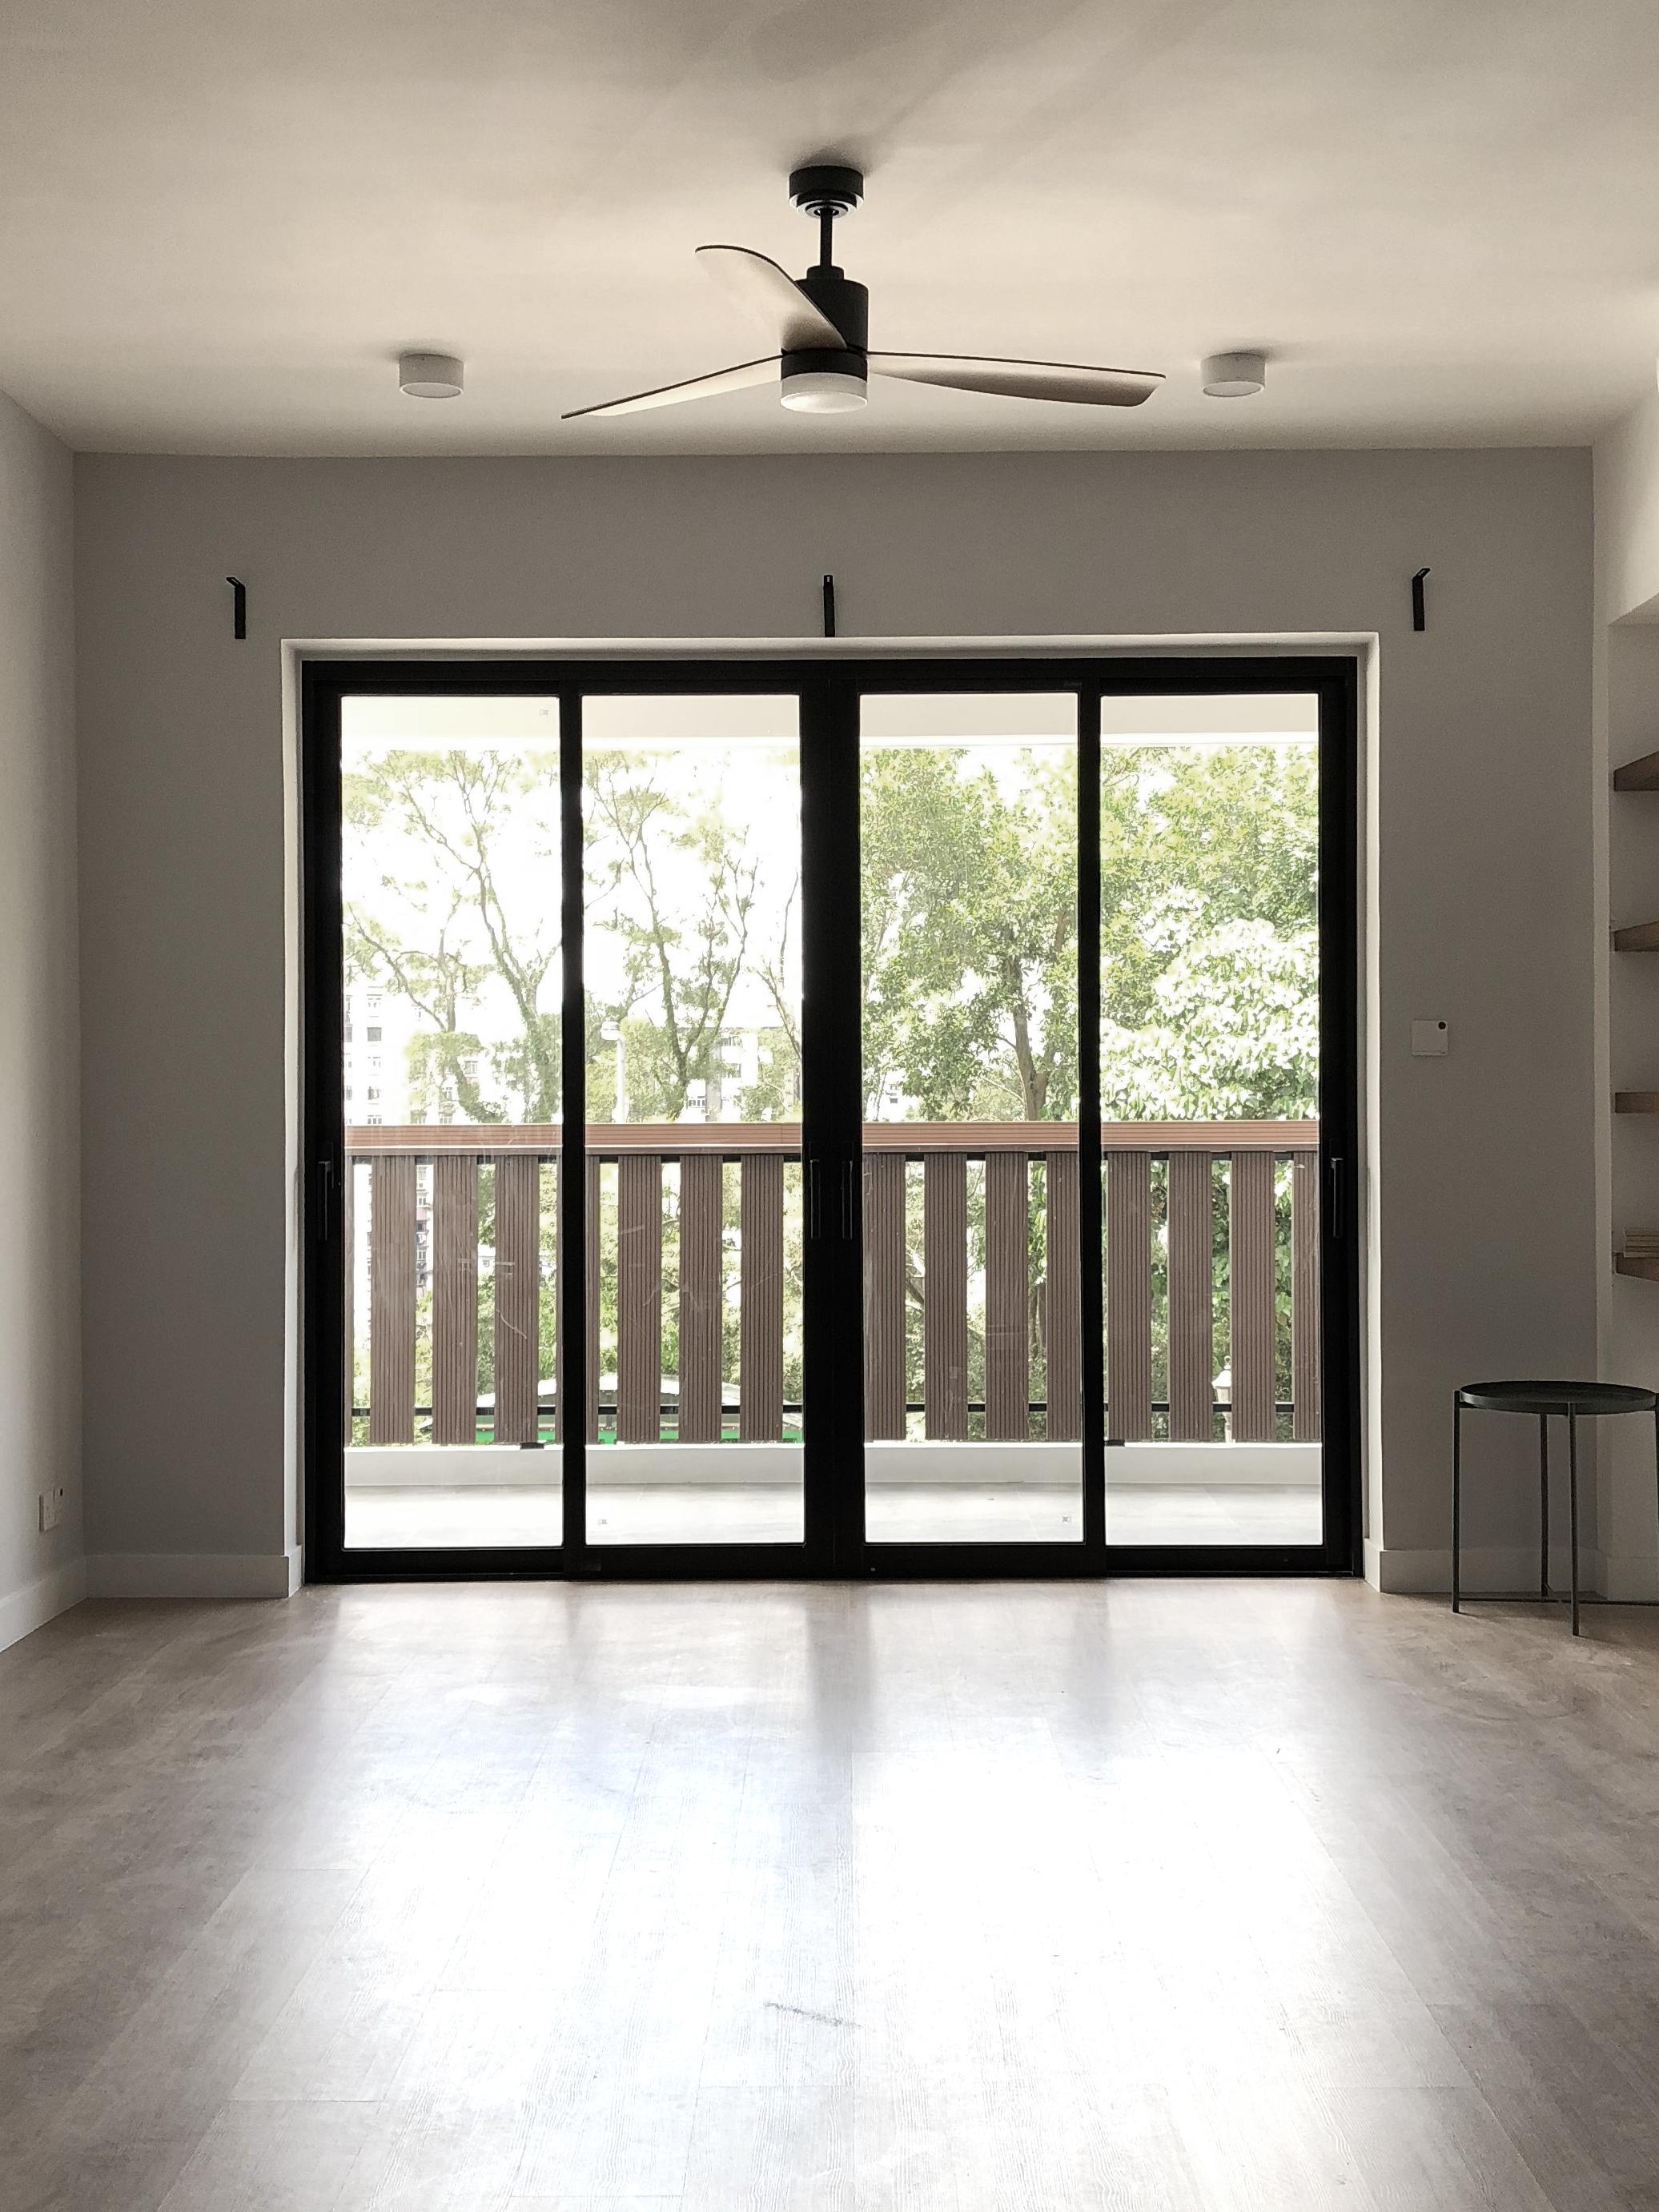 Tinhau - window